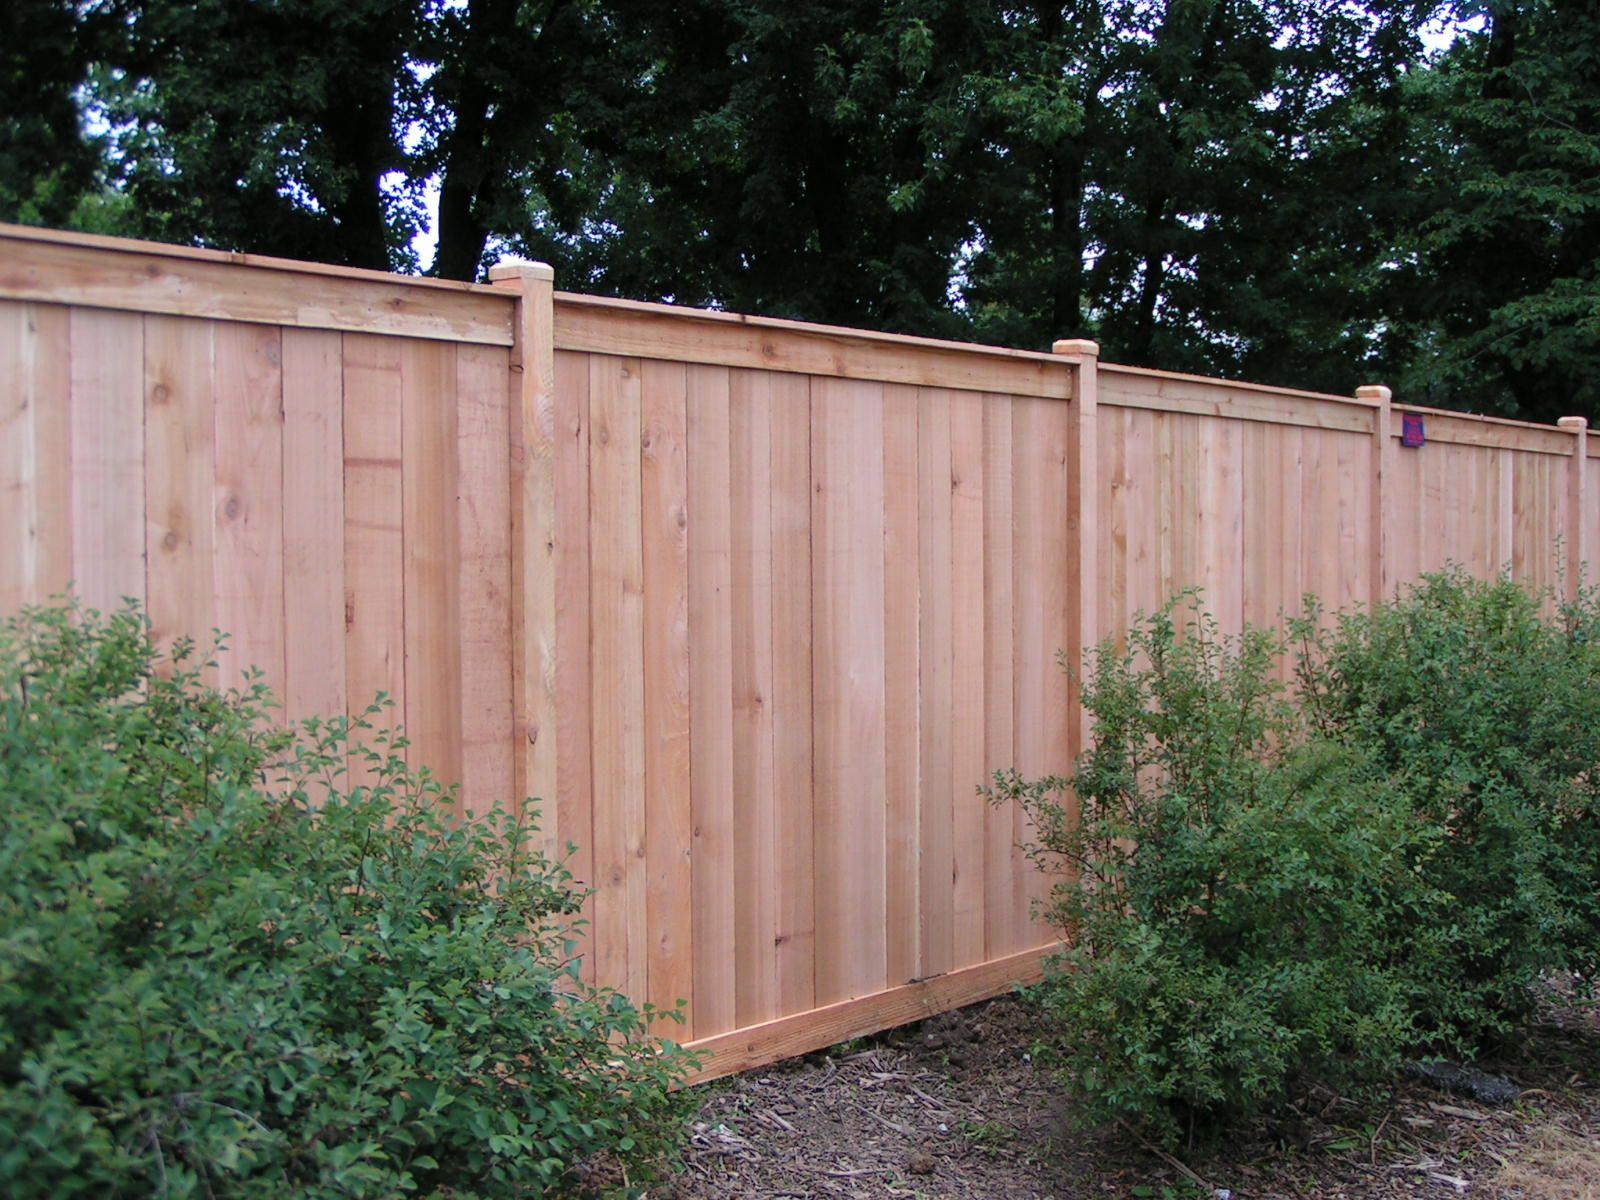 Stylish Pine Wood Unpolished Stockade Backyard Fence Ideas With